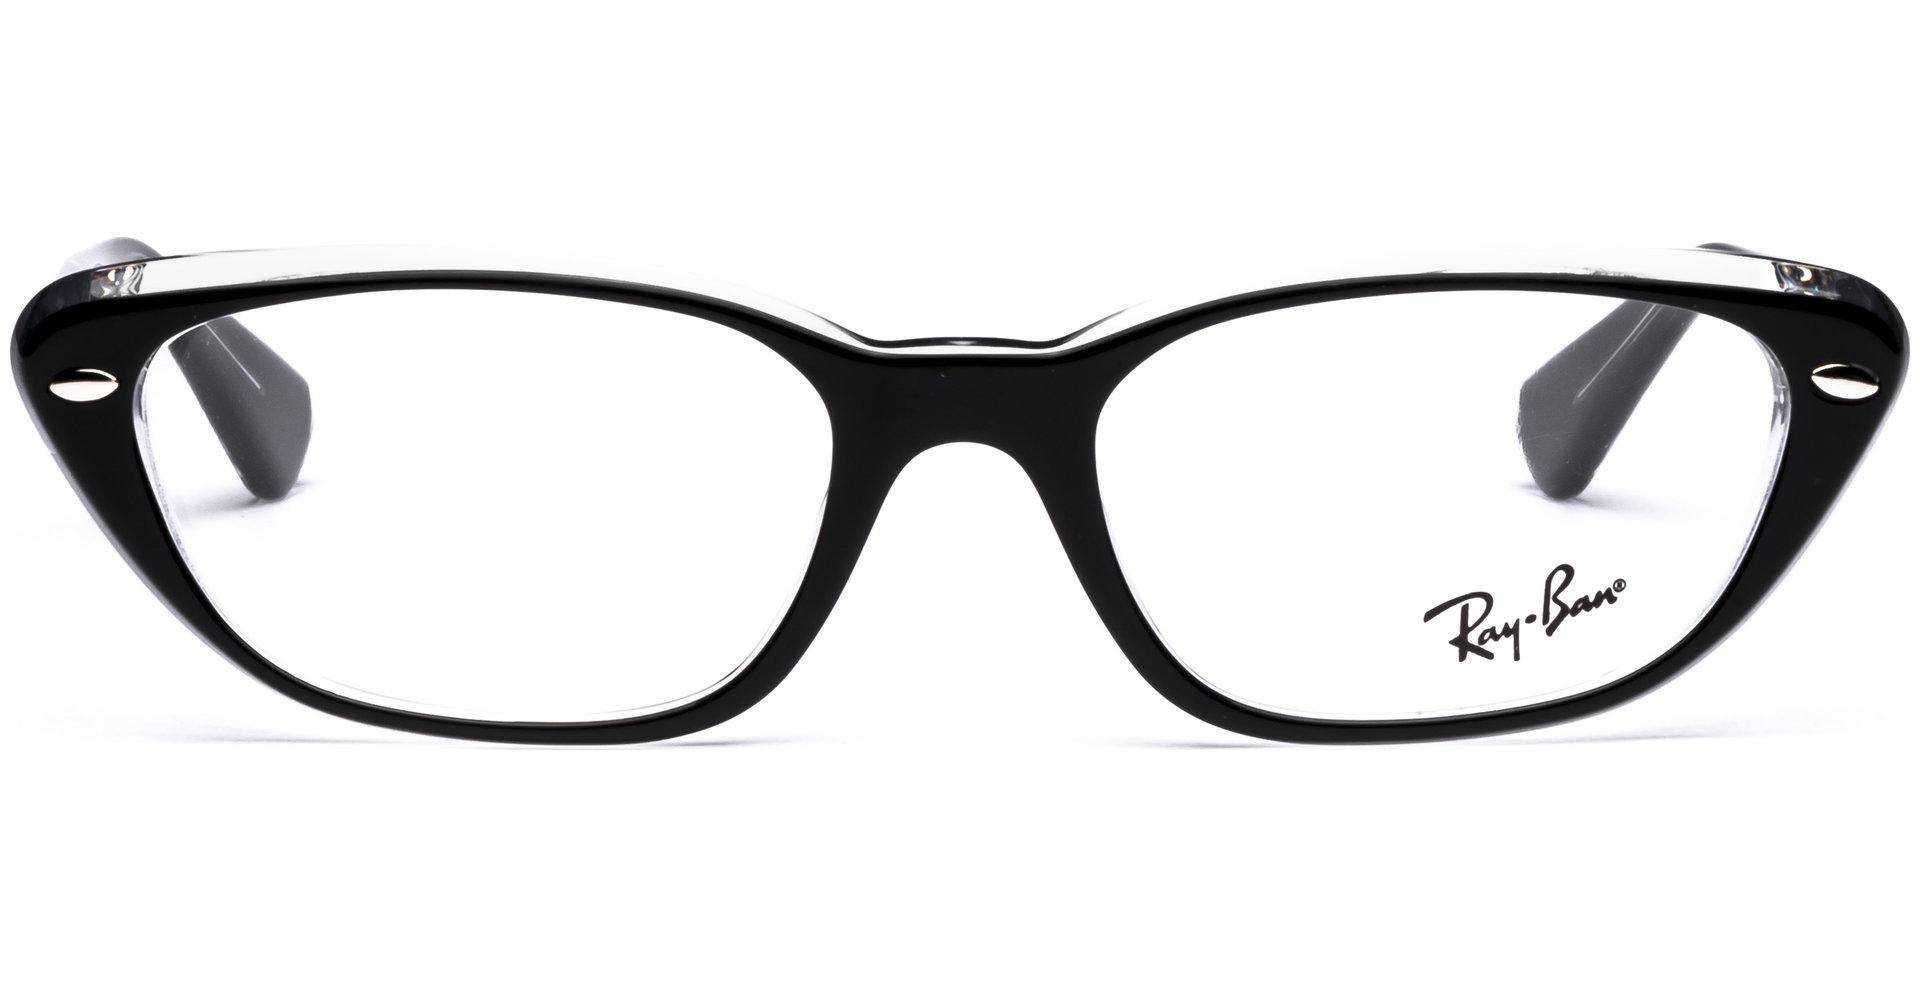 brillen von ray ban preise von ray ban brillen herren. Black Bedroom Furniture Sets. Home Design Ideas